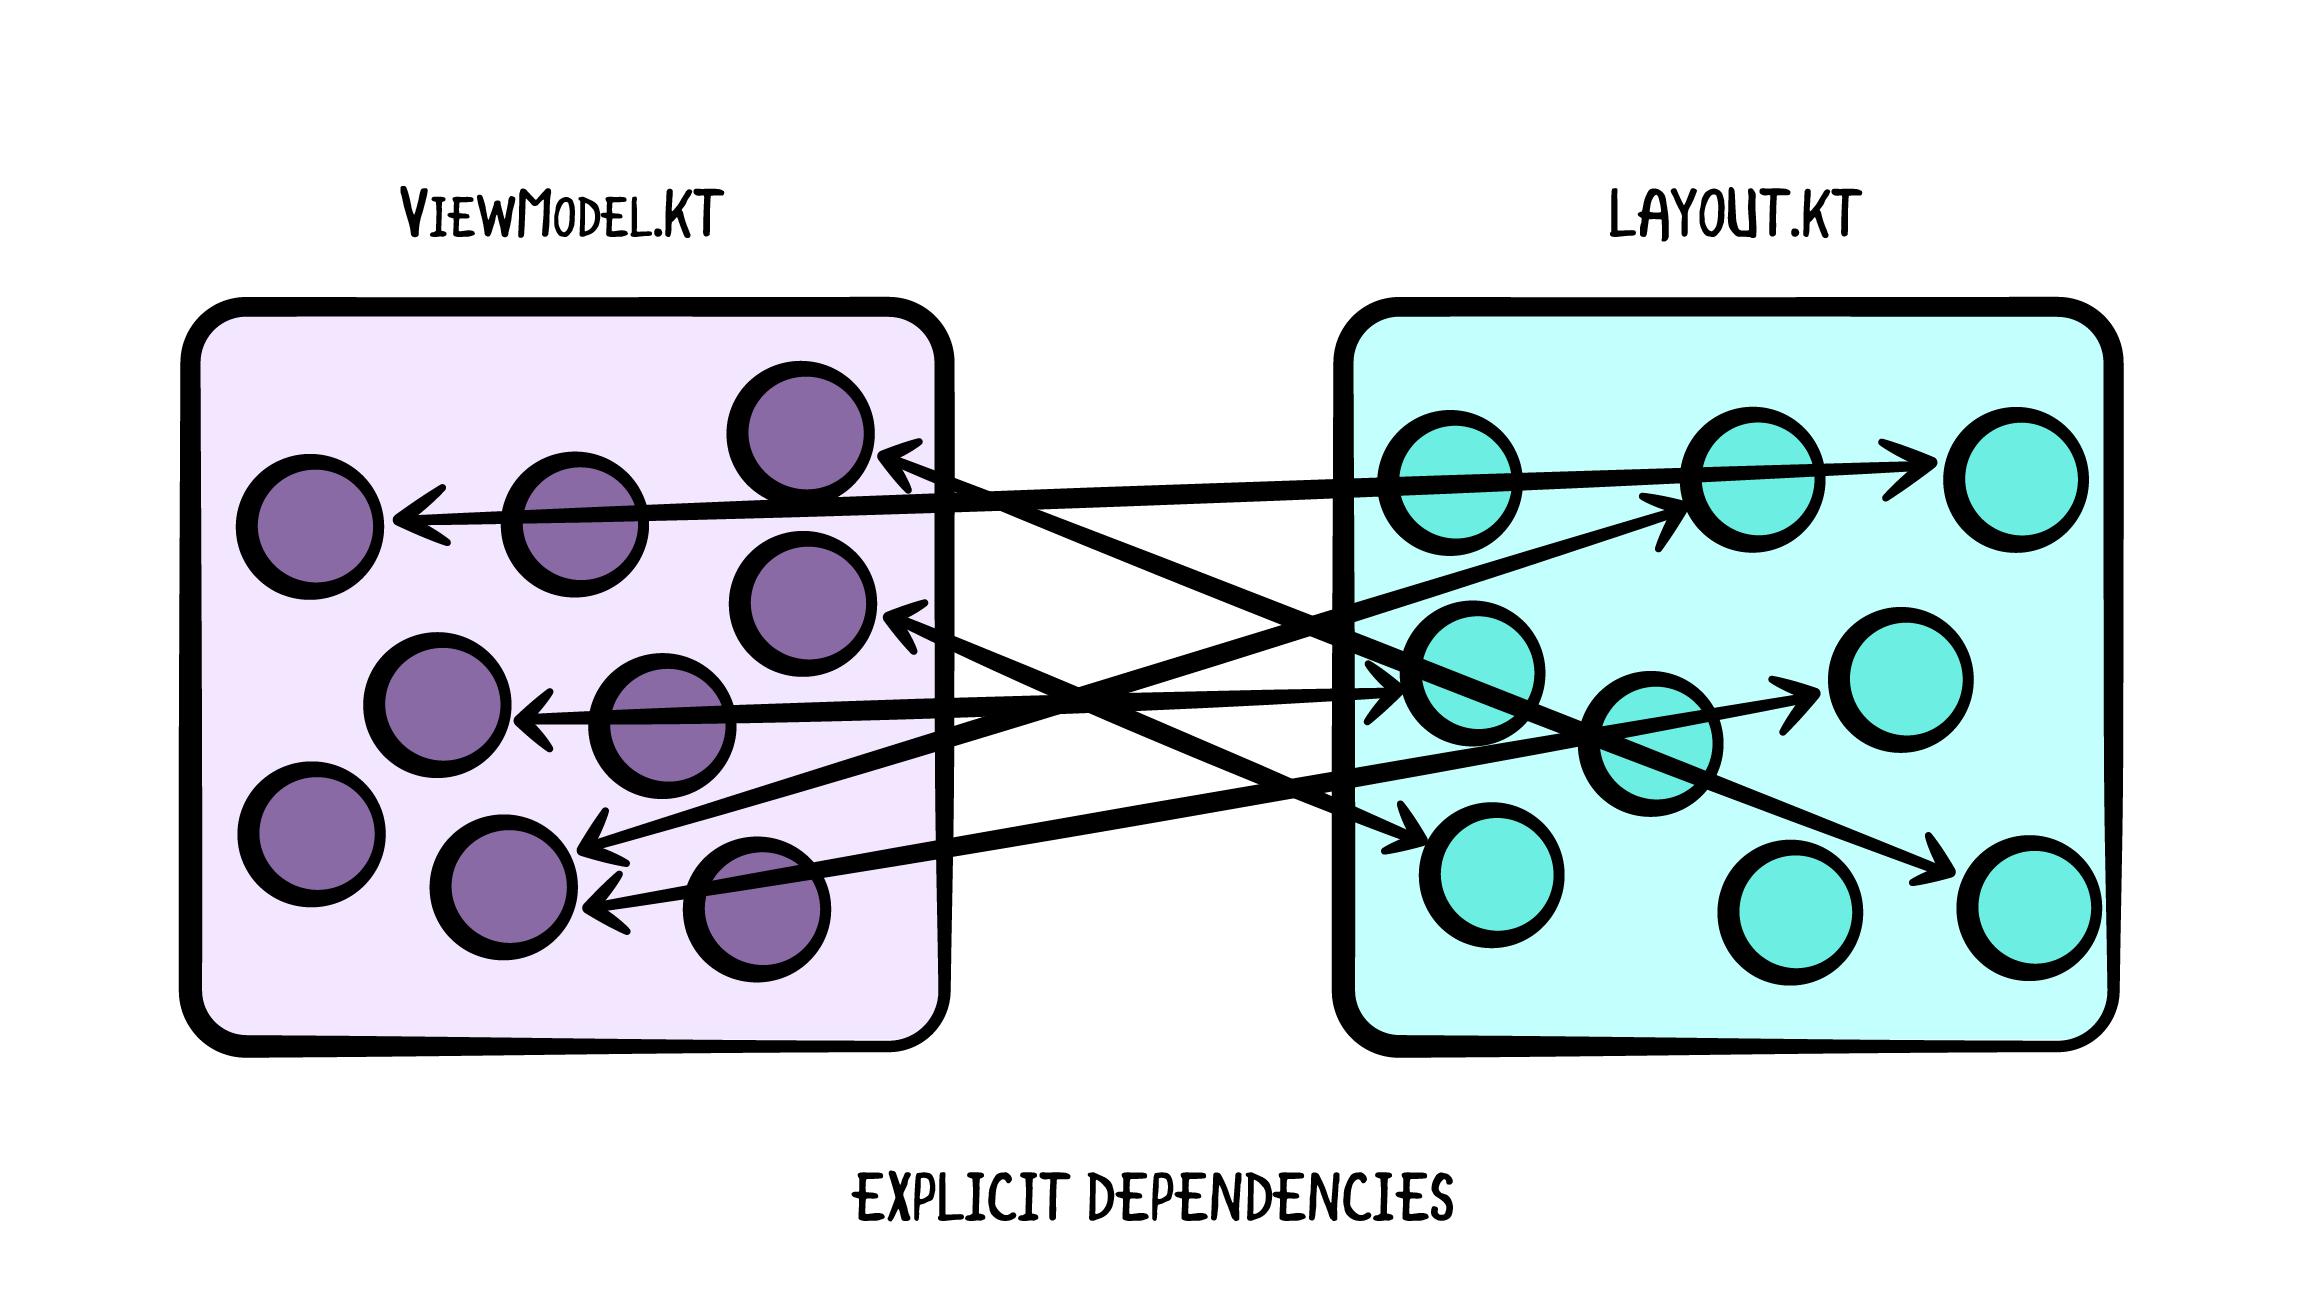 Explicit Dependencies